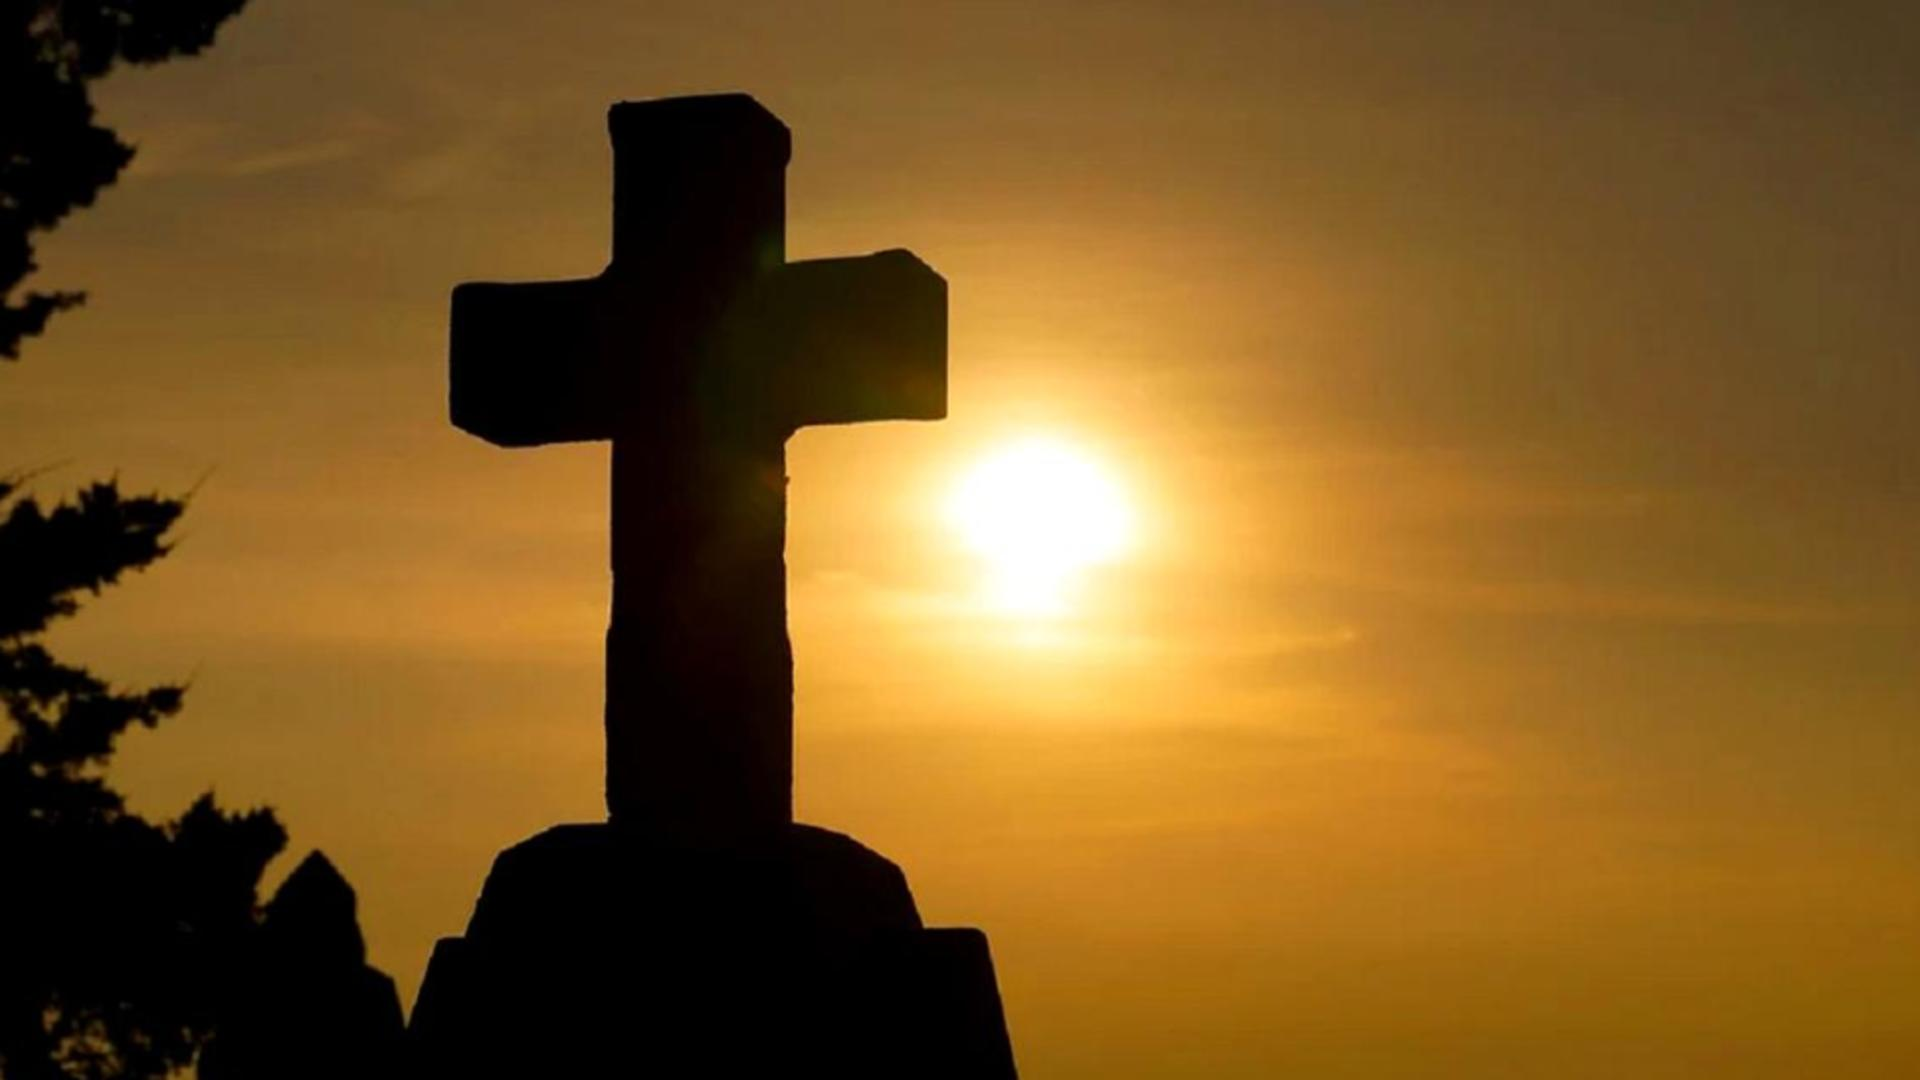 Sărbătoare 5 iunie 2021 - Ce mare sfânt este pomenit astăzi de creștini